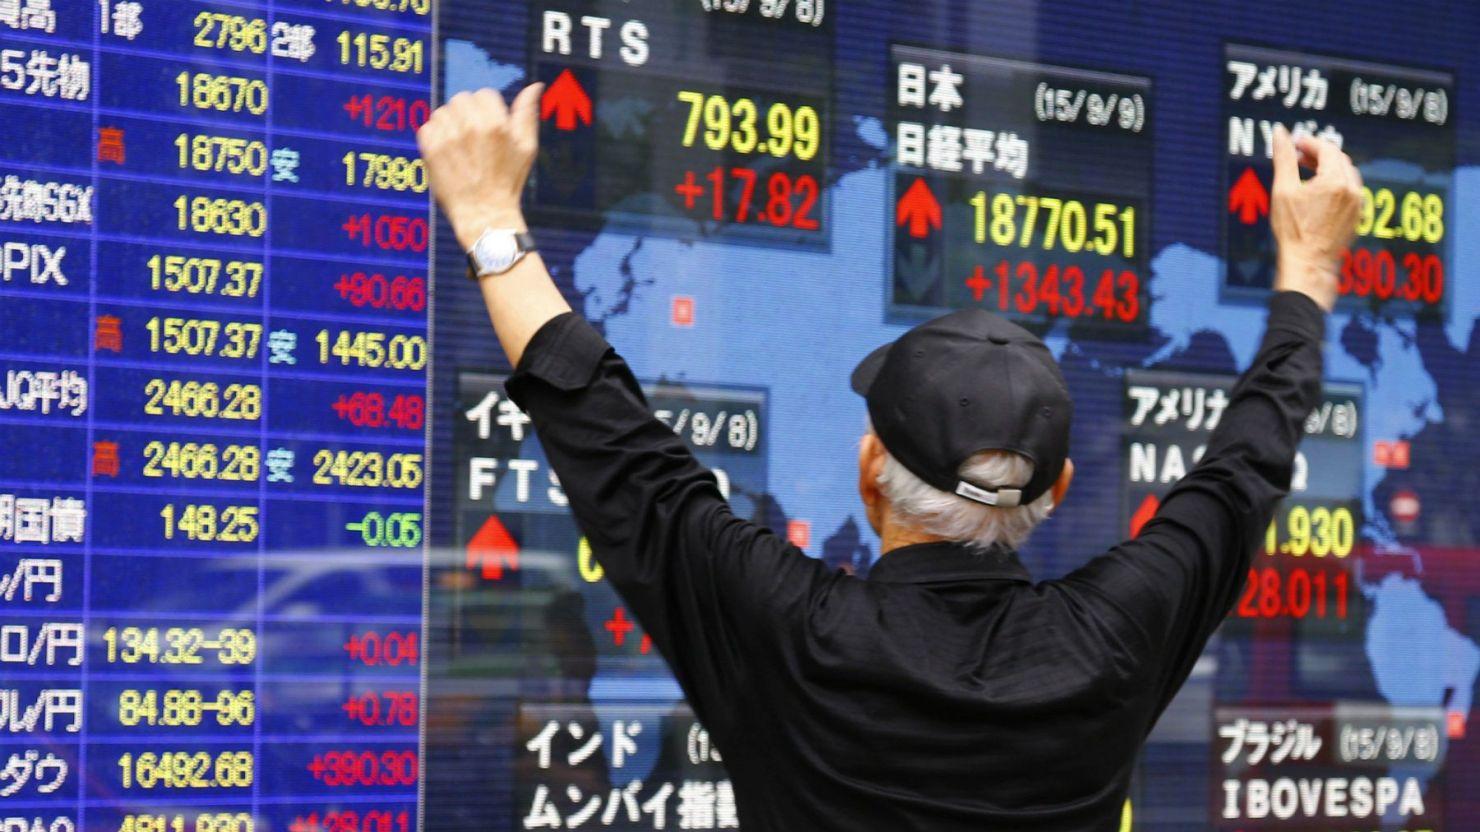 CK châu Á rực sắc xanh ngày đầu tuần, cổ phiếu Alibaba giảm tại Hồng Kông